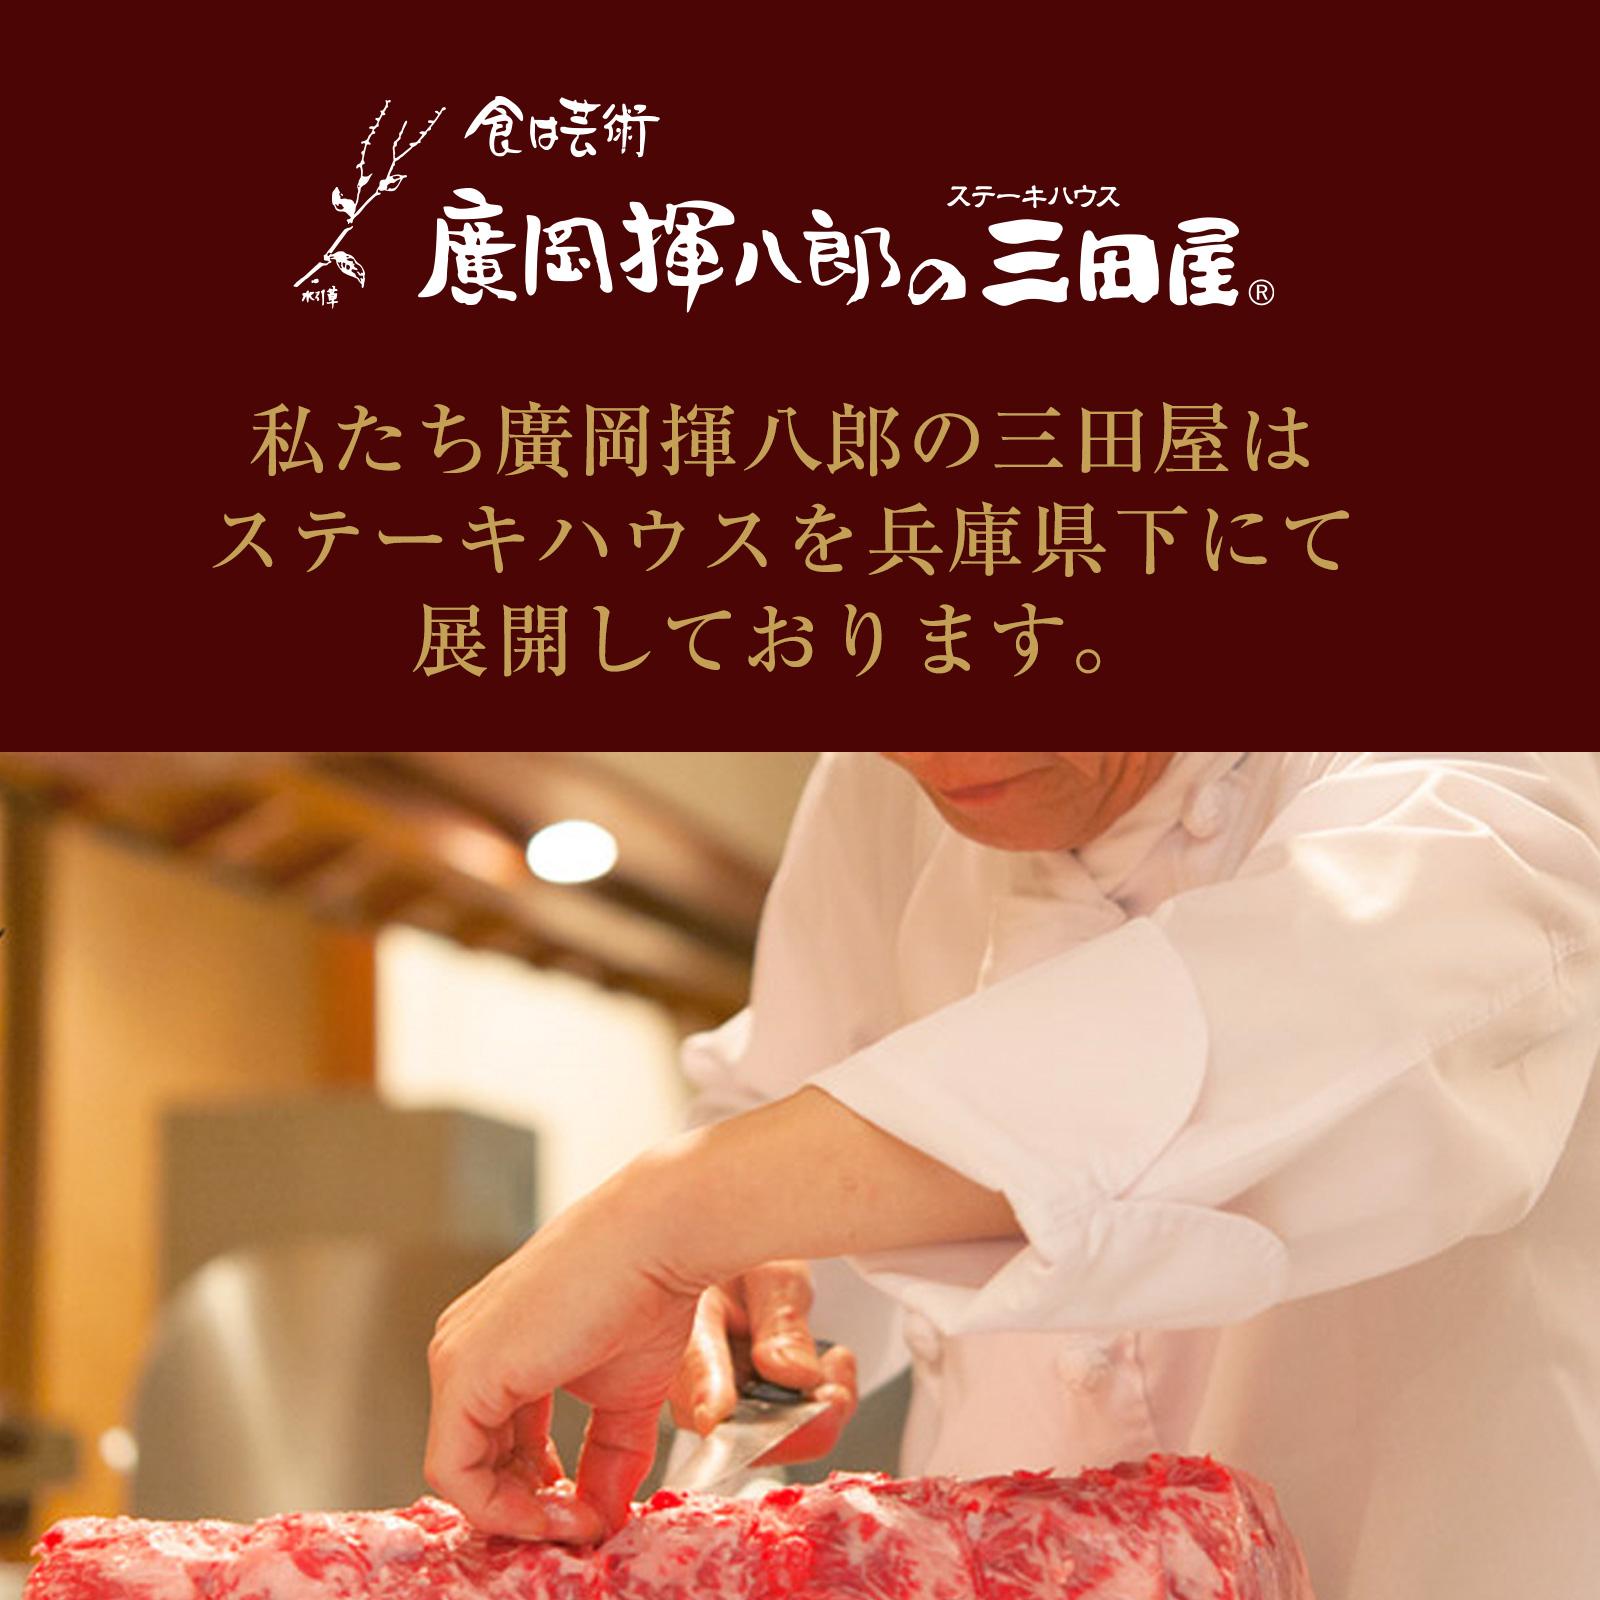 【冷蔵】ハム・ドレッシング の ギフト セット(KG-58)